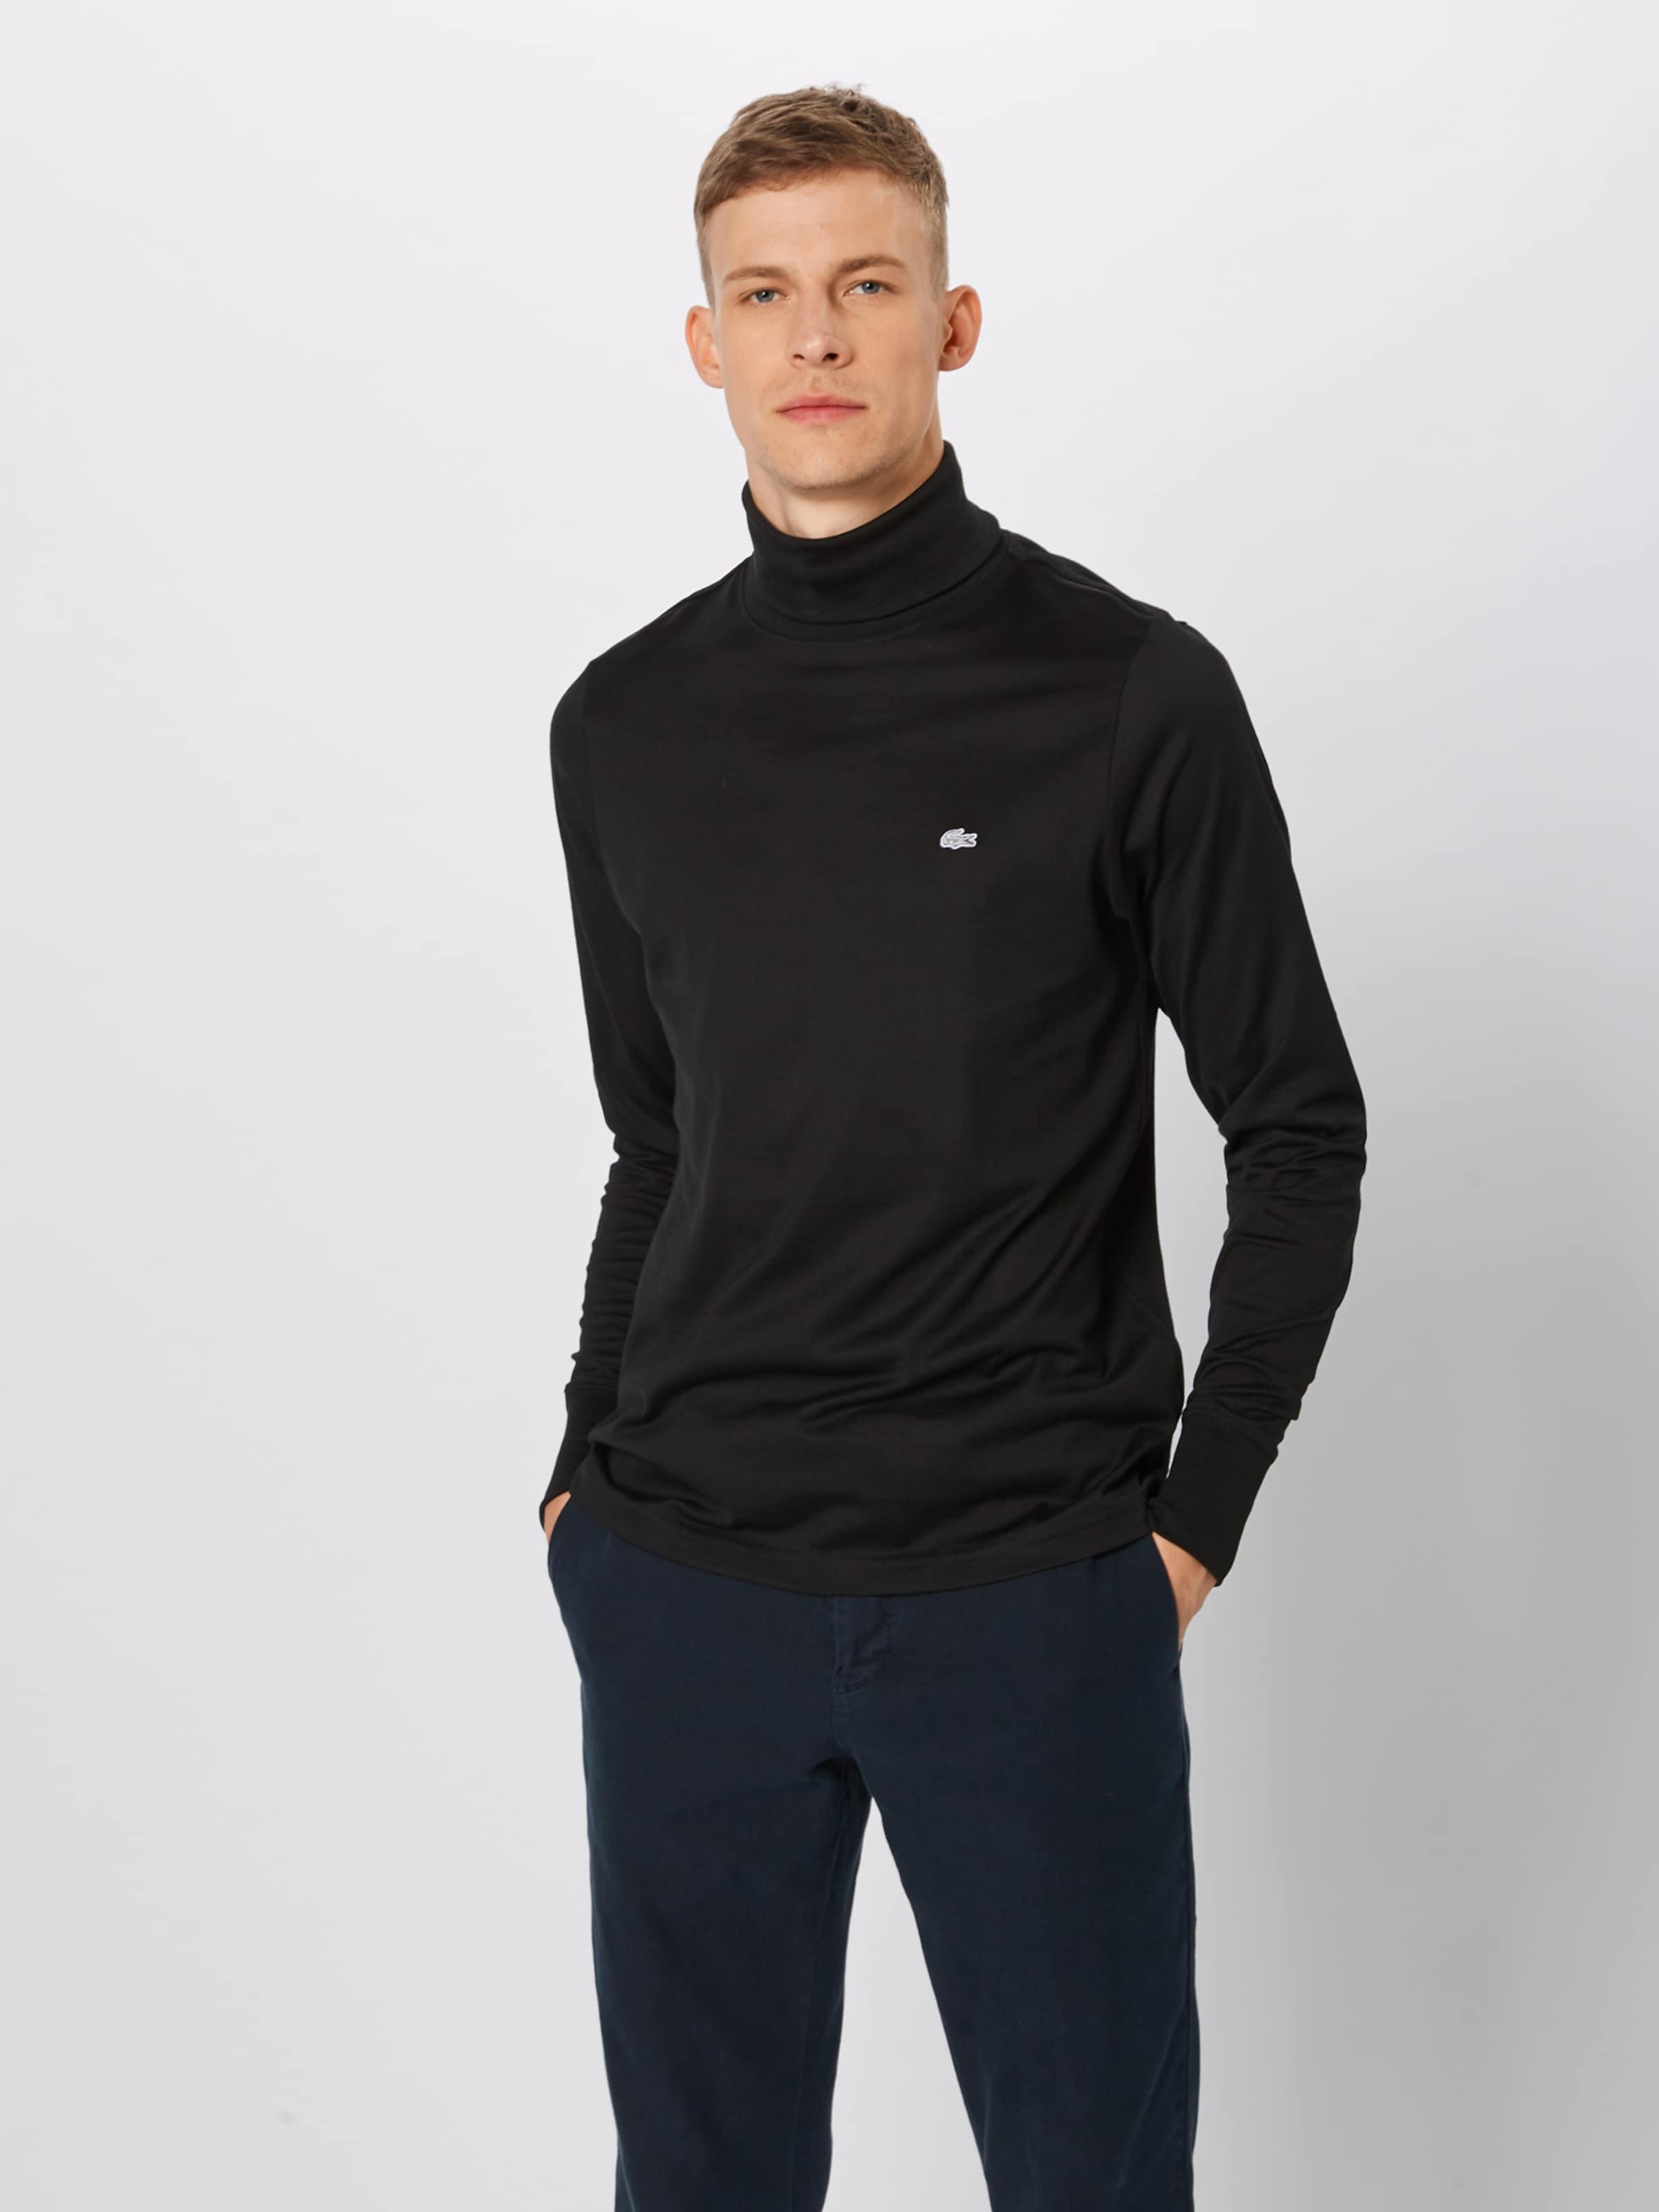 Rollkragenpullover 'chemise' In In 'chemise' Lacoste Schwarz Schwarz Rollkragenpullover Lacoste Lacoste Rollkragenpullover nwk80OP